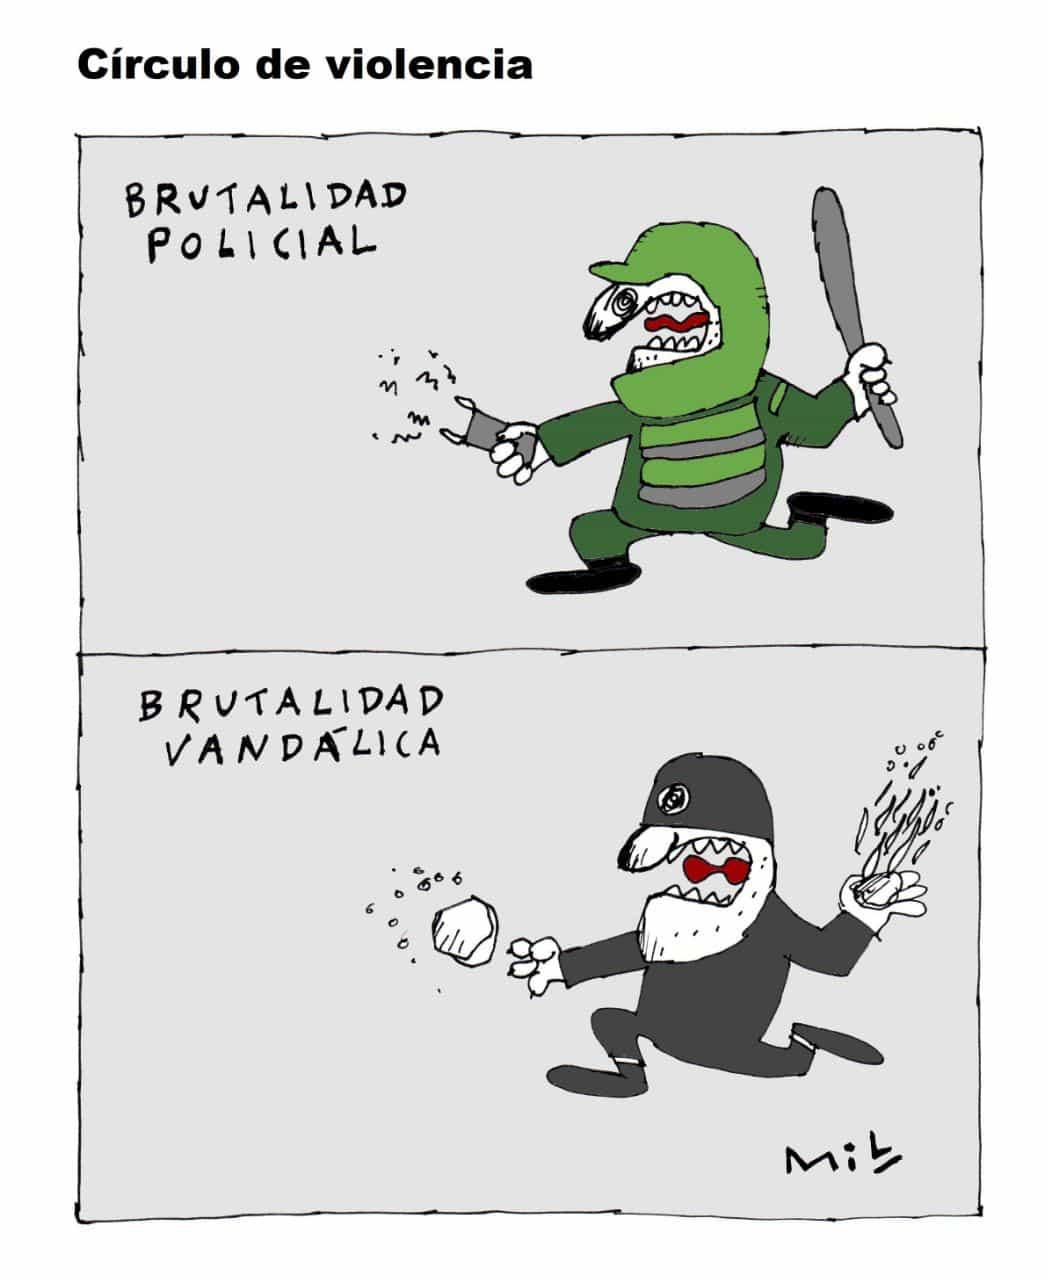 Circulo de Violencia - #Caricatura7días 1